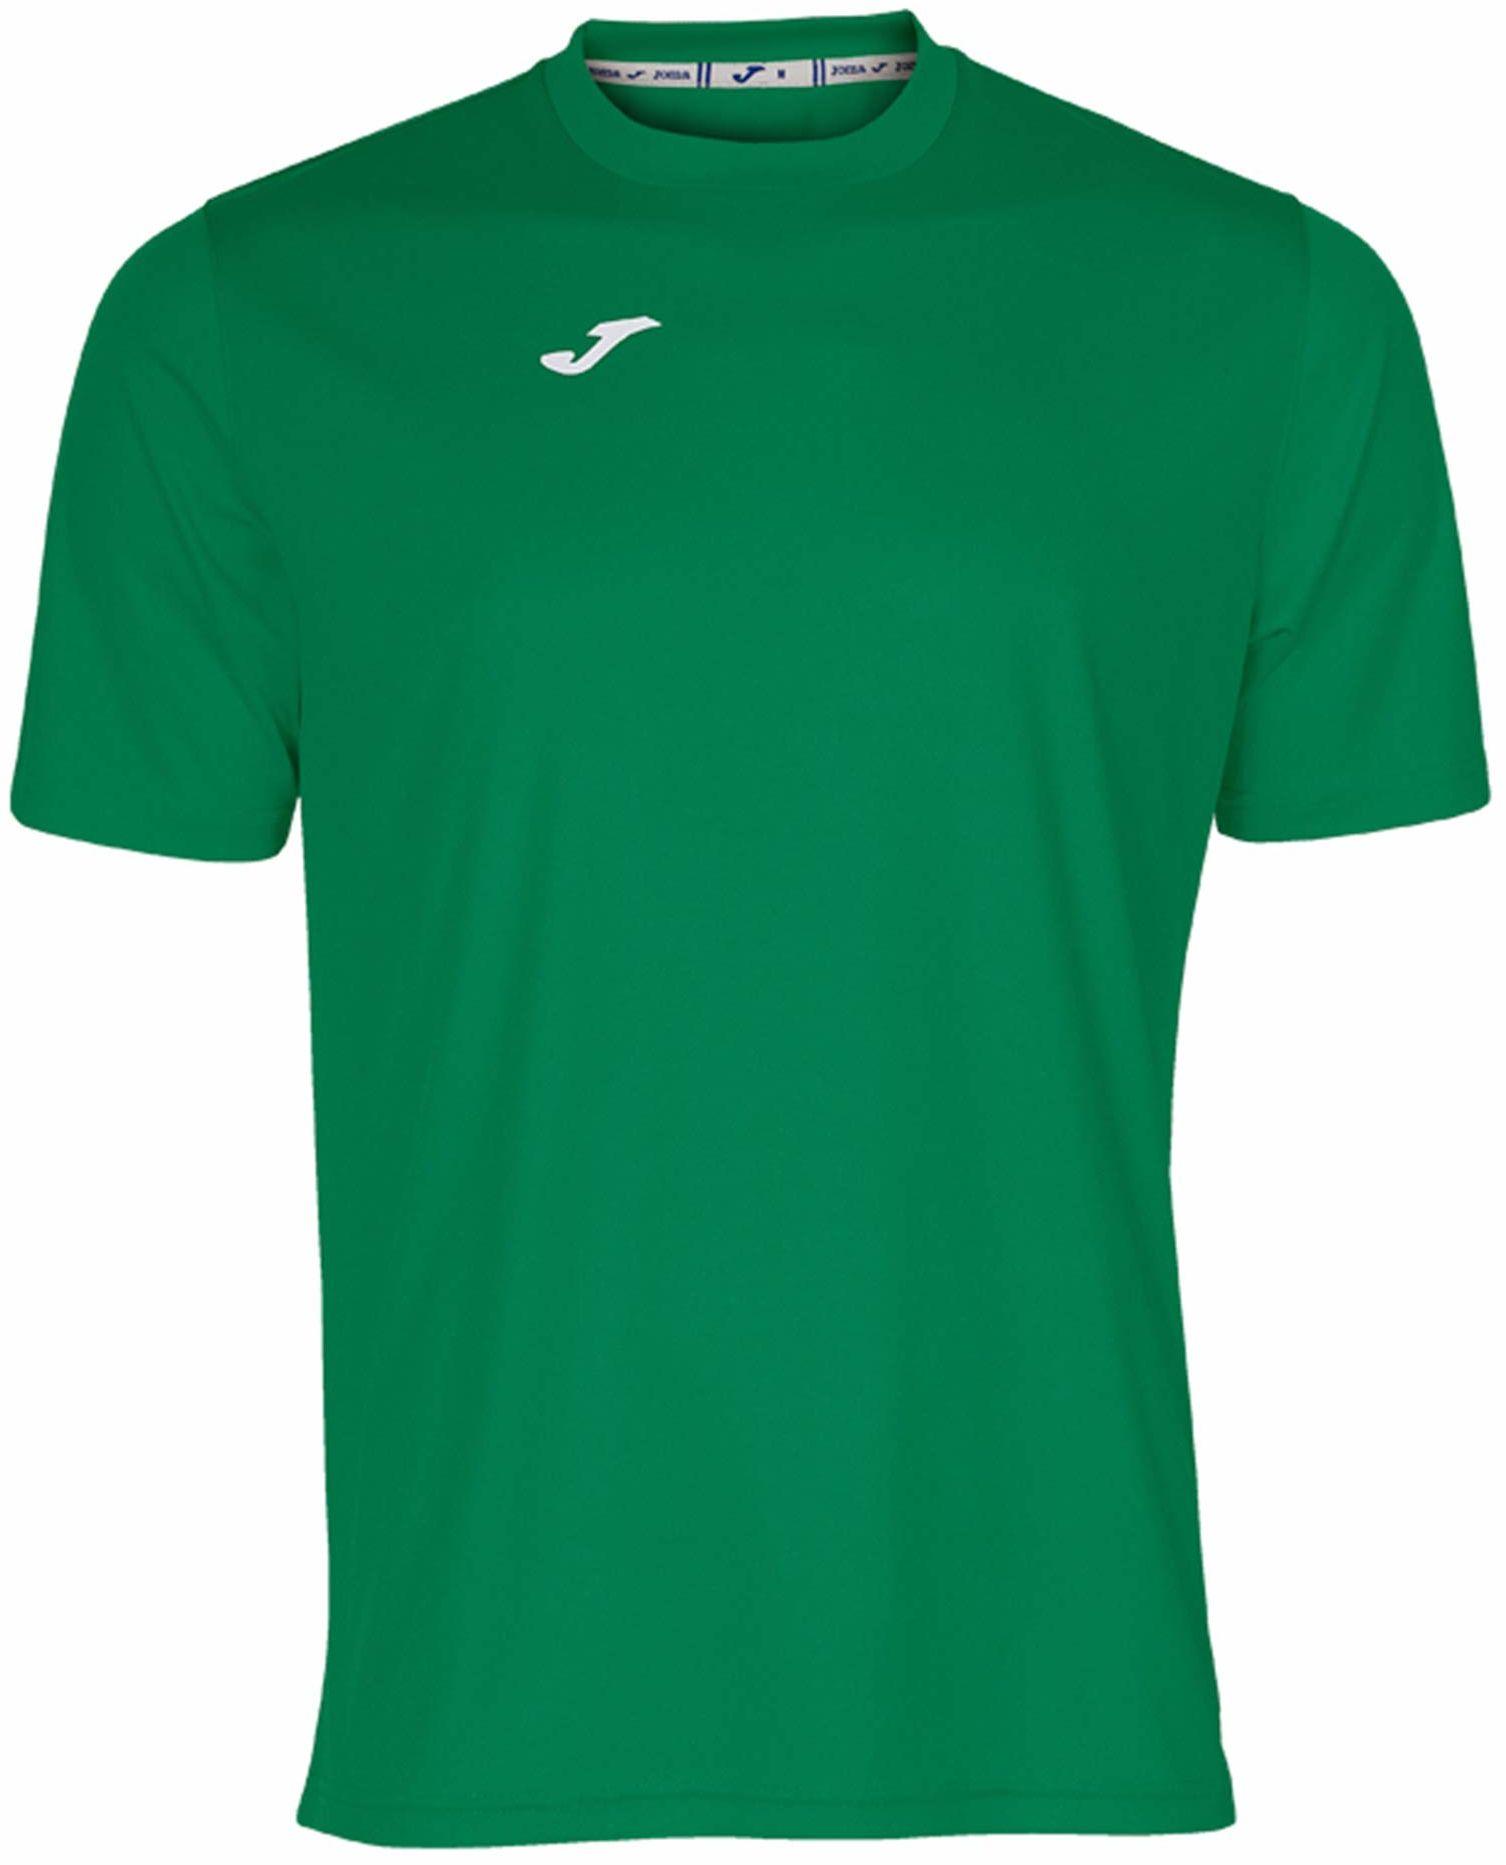 Joma męska koszulka 100052.450 Joma 100052.450 z krótkim rękawem - zielony/zielony, 2X-mały Green/Green L